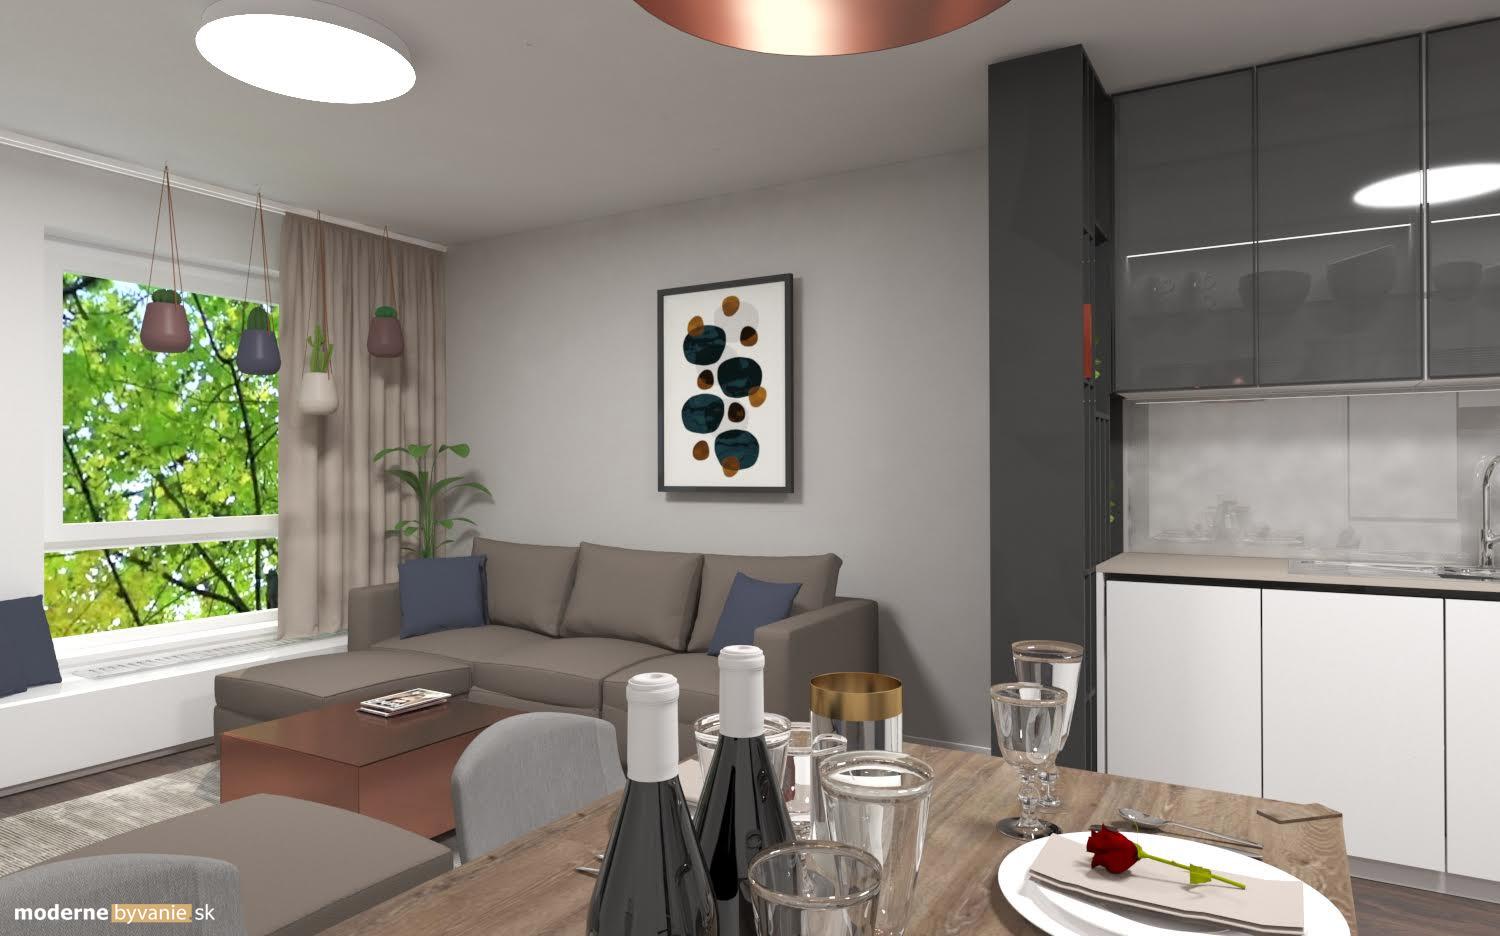 Návrh interiéru - Obývačka a kuchyňa -Luxusný interiér s medenými prvkami